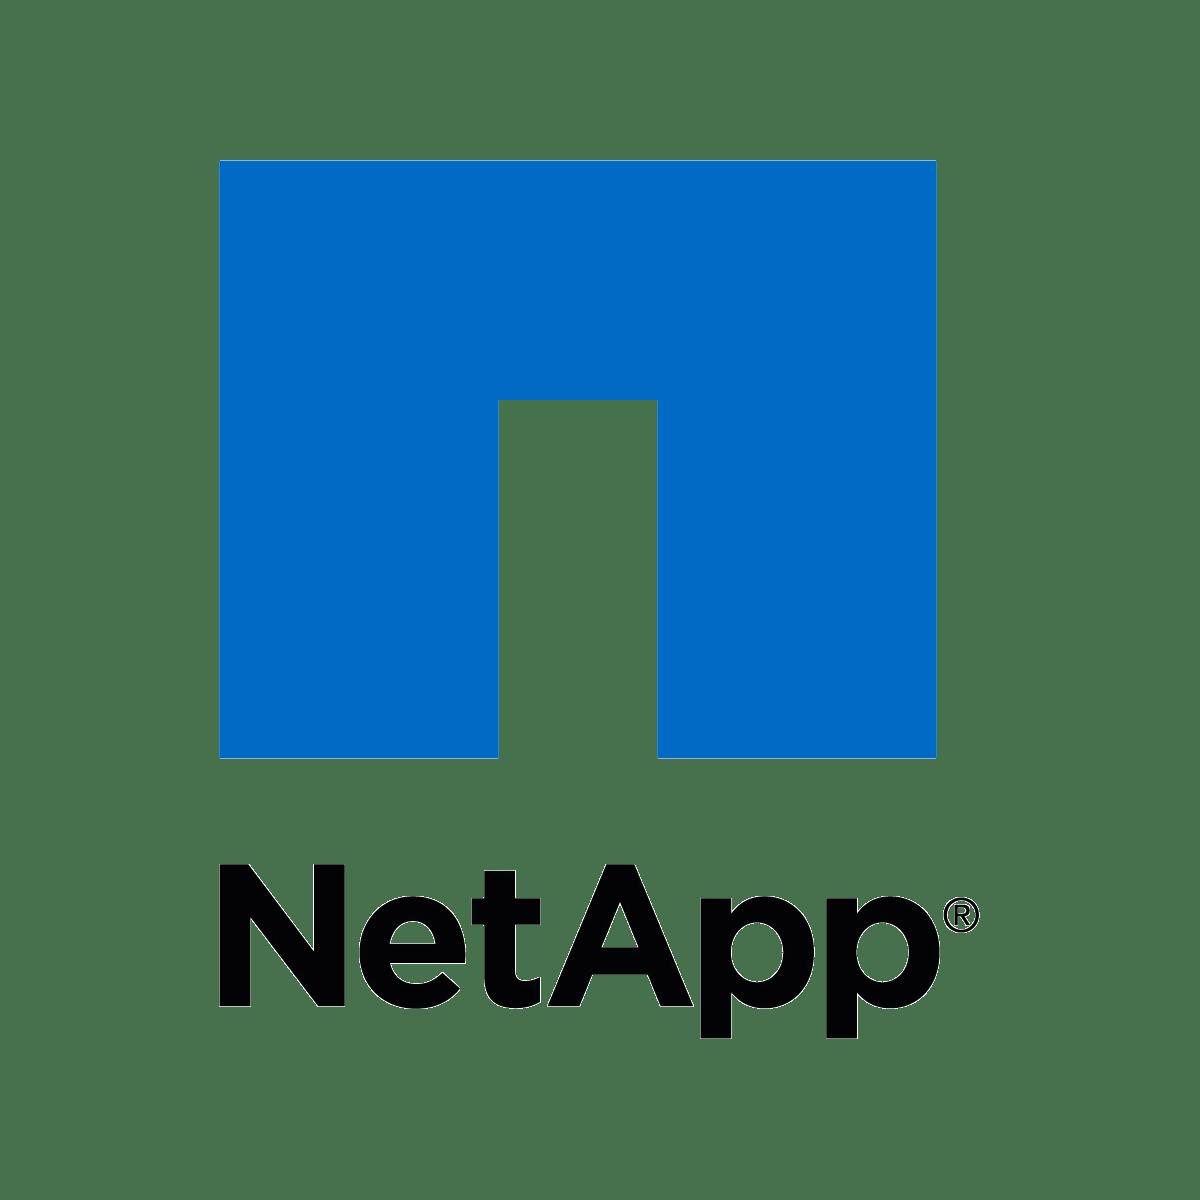 NetApp-C